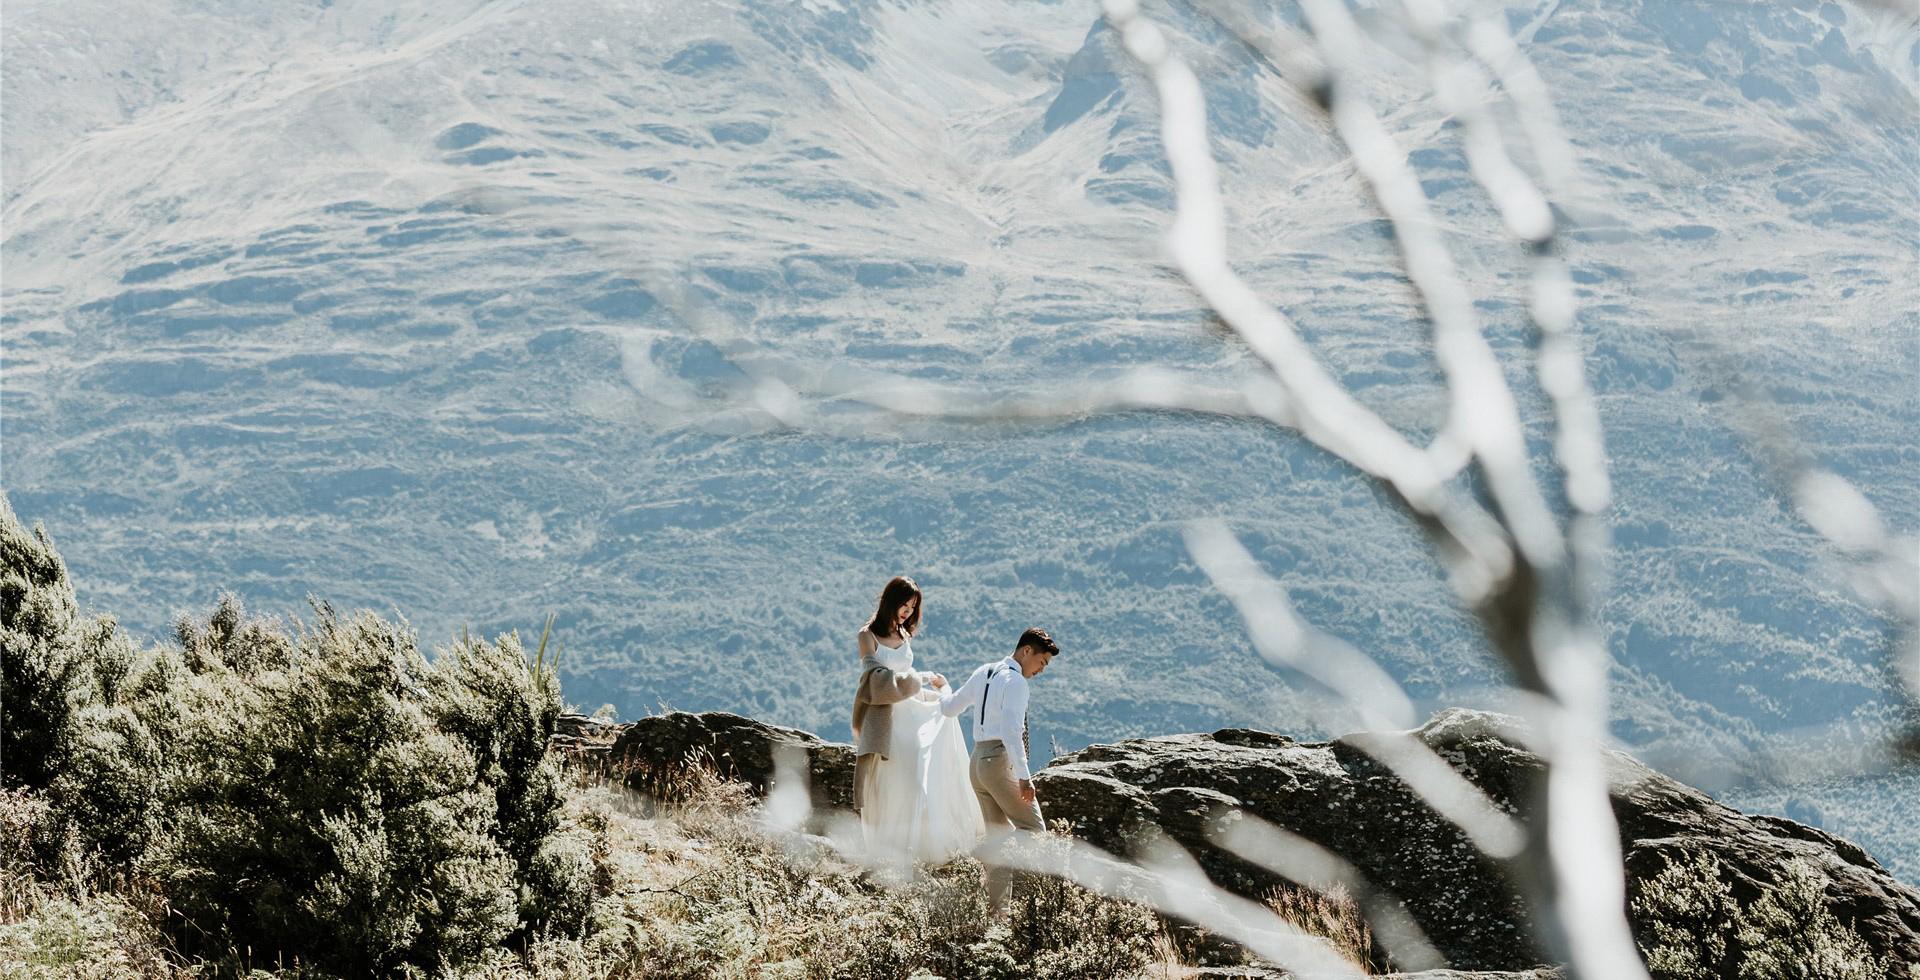 SaltAtelier, 悉尼婚纱摄影,悉尼网红婚纱拍摄点,网红旅拍婚纱照,悉尼婚纱照,澳洲旅拍